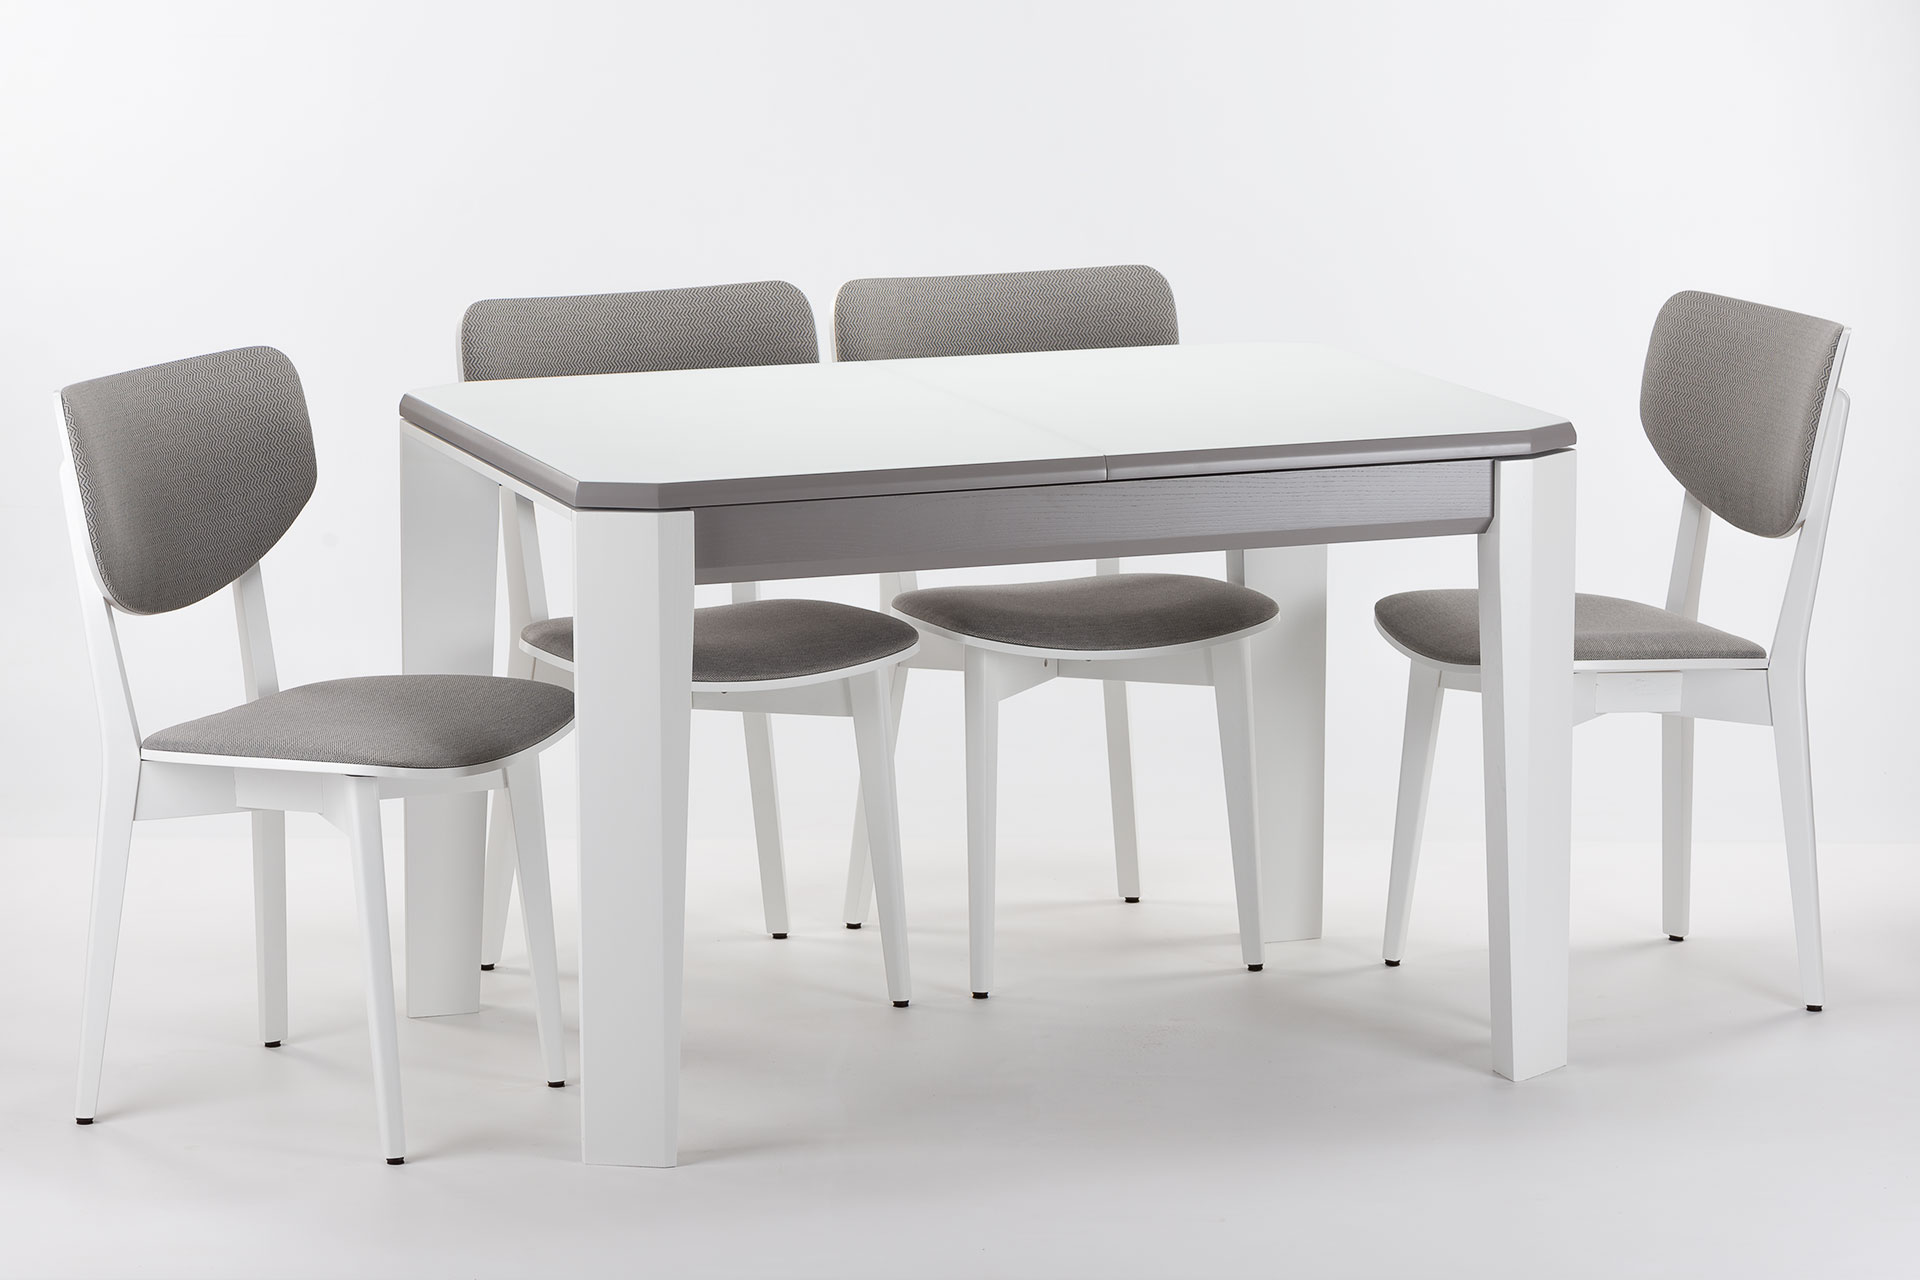 """Обеденная группа, кухонный комплект: раскладной стол """"Варгас"""" с белой стеклянной столешницей + 4 стула 03А с мягкой спинкой и сиденьем Exim Siesta 90"""